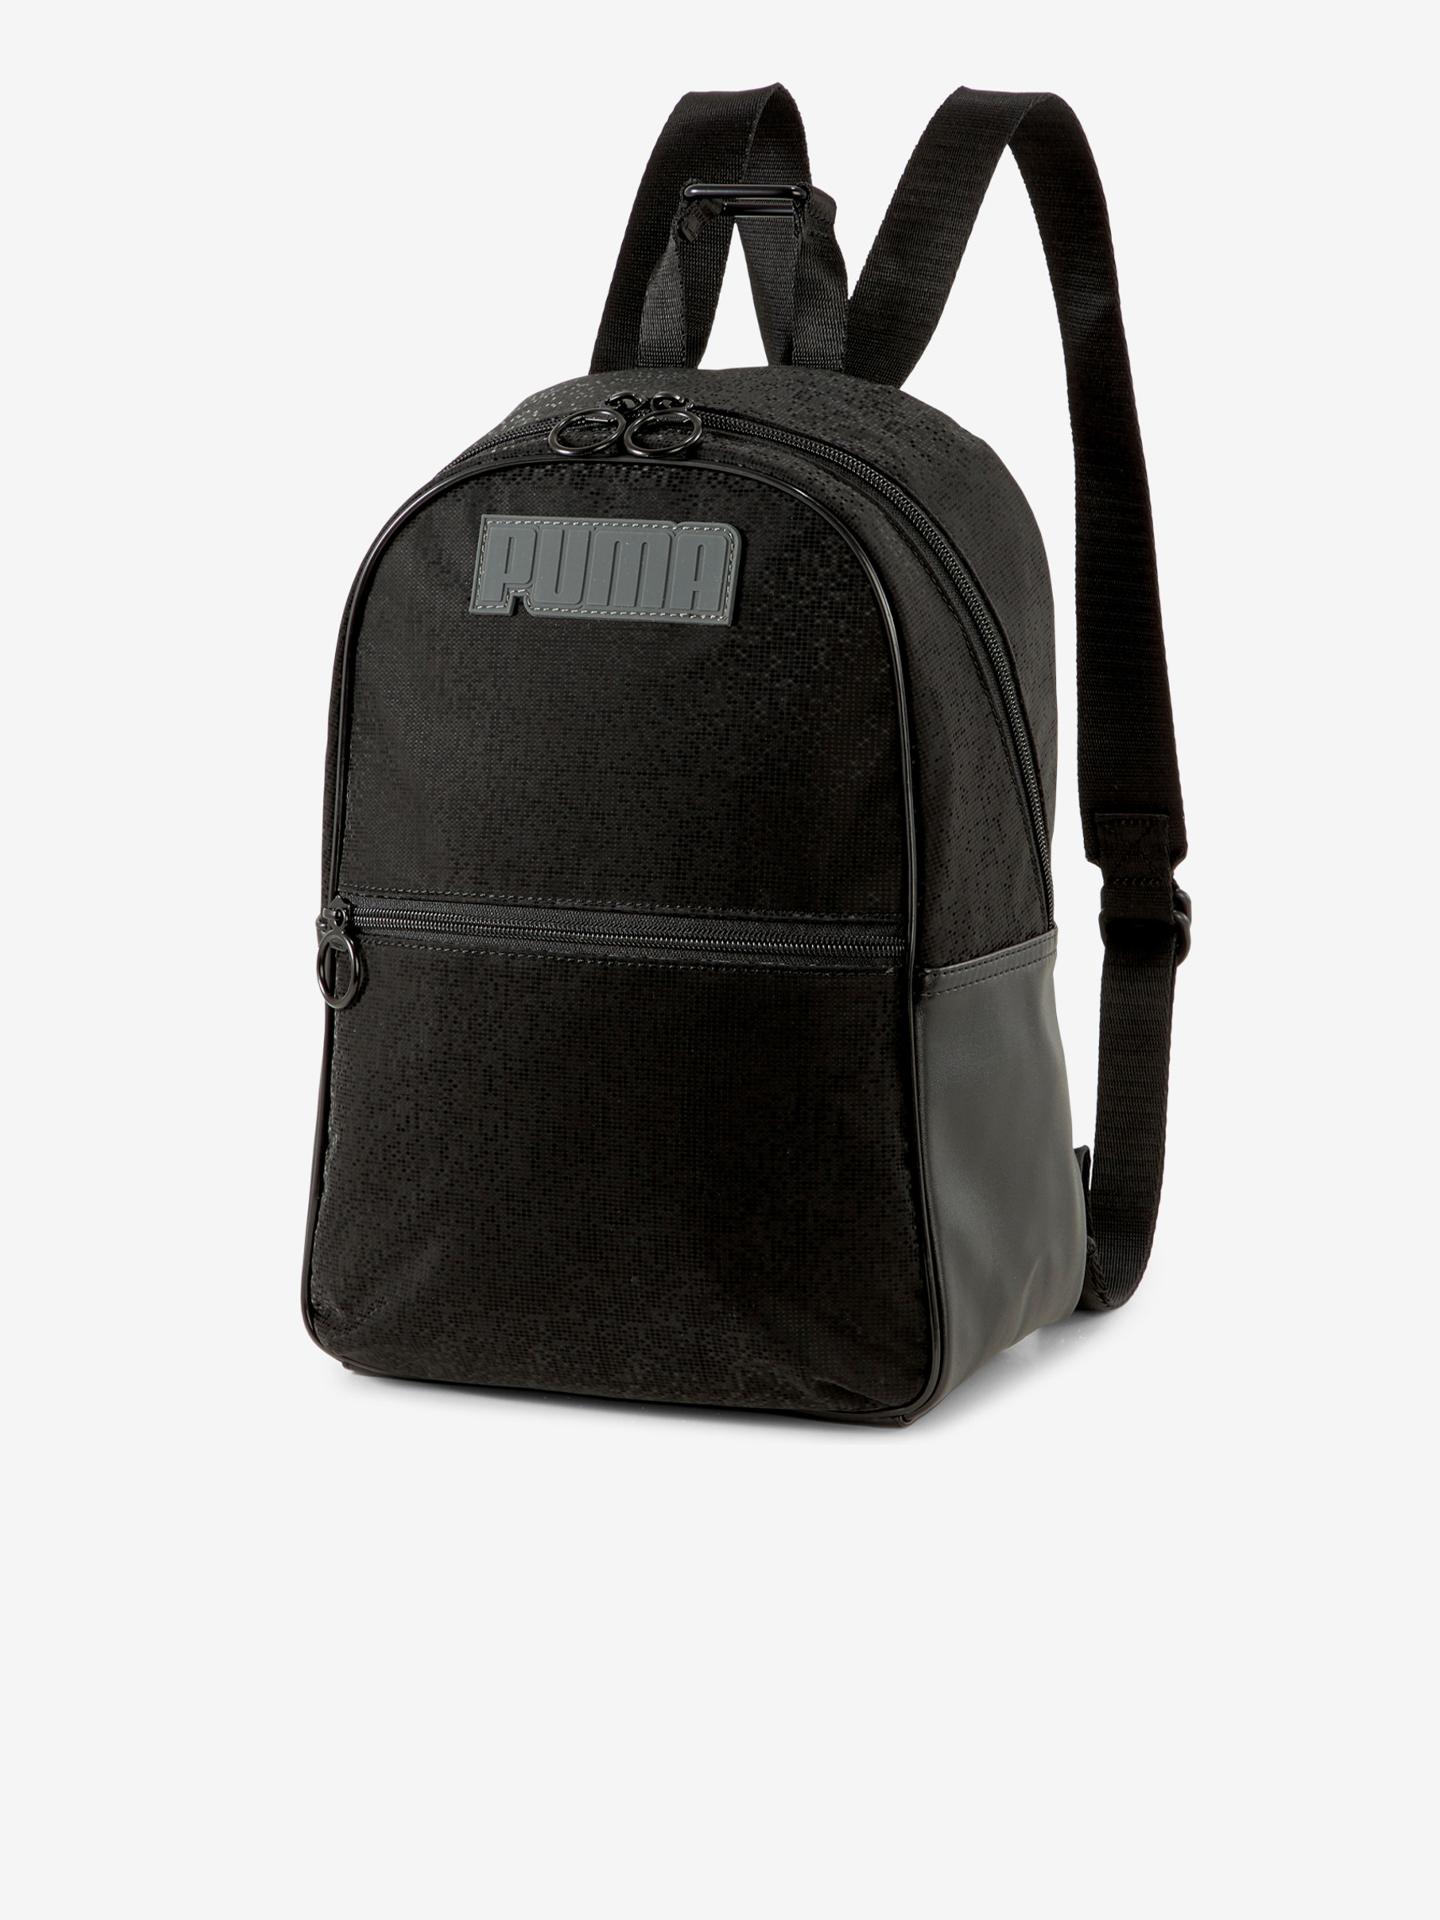 Puma Women's backpack black  Time